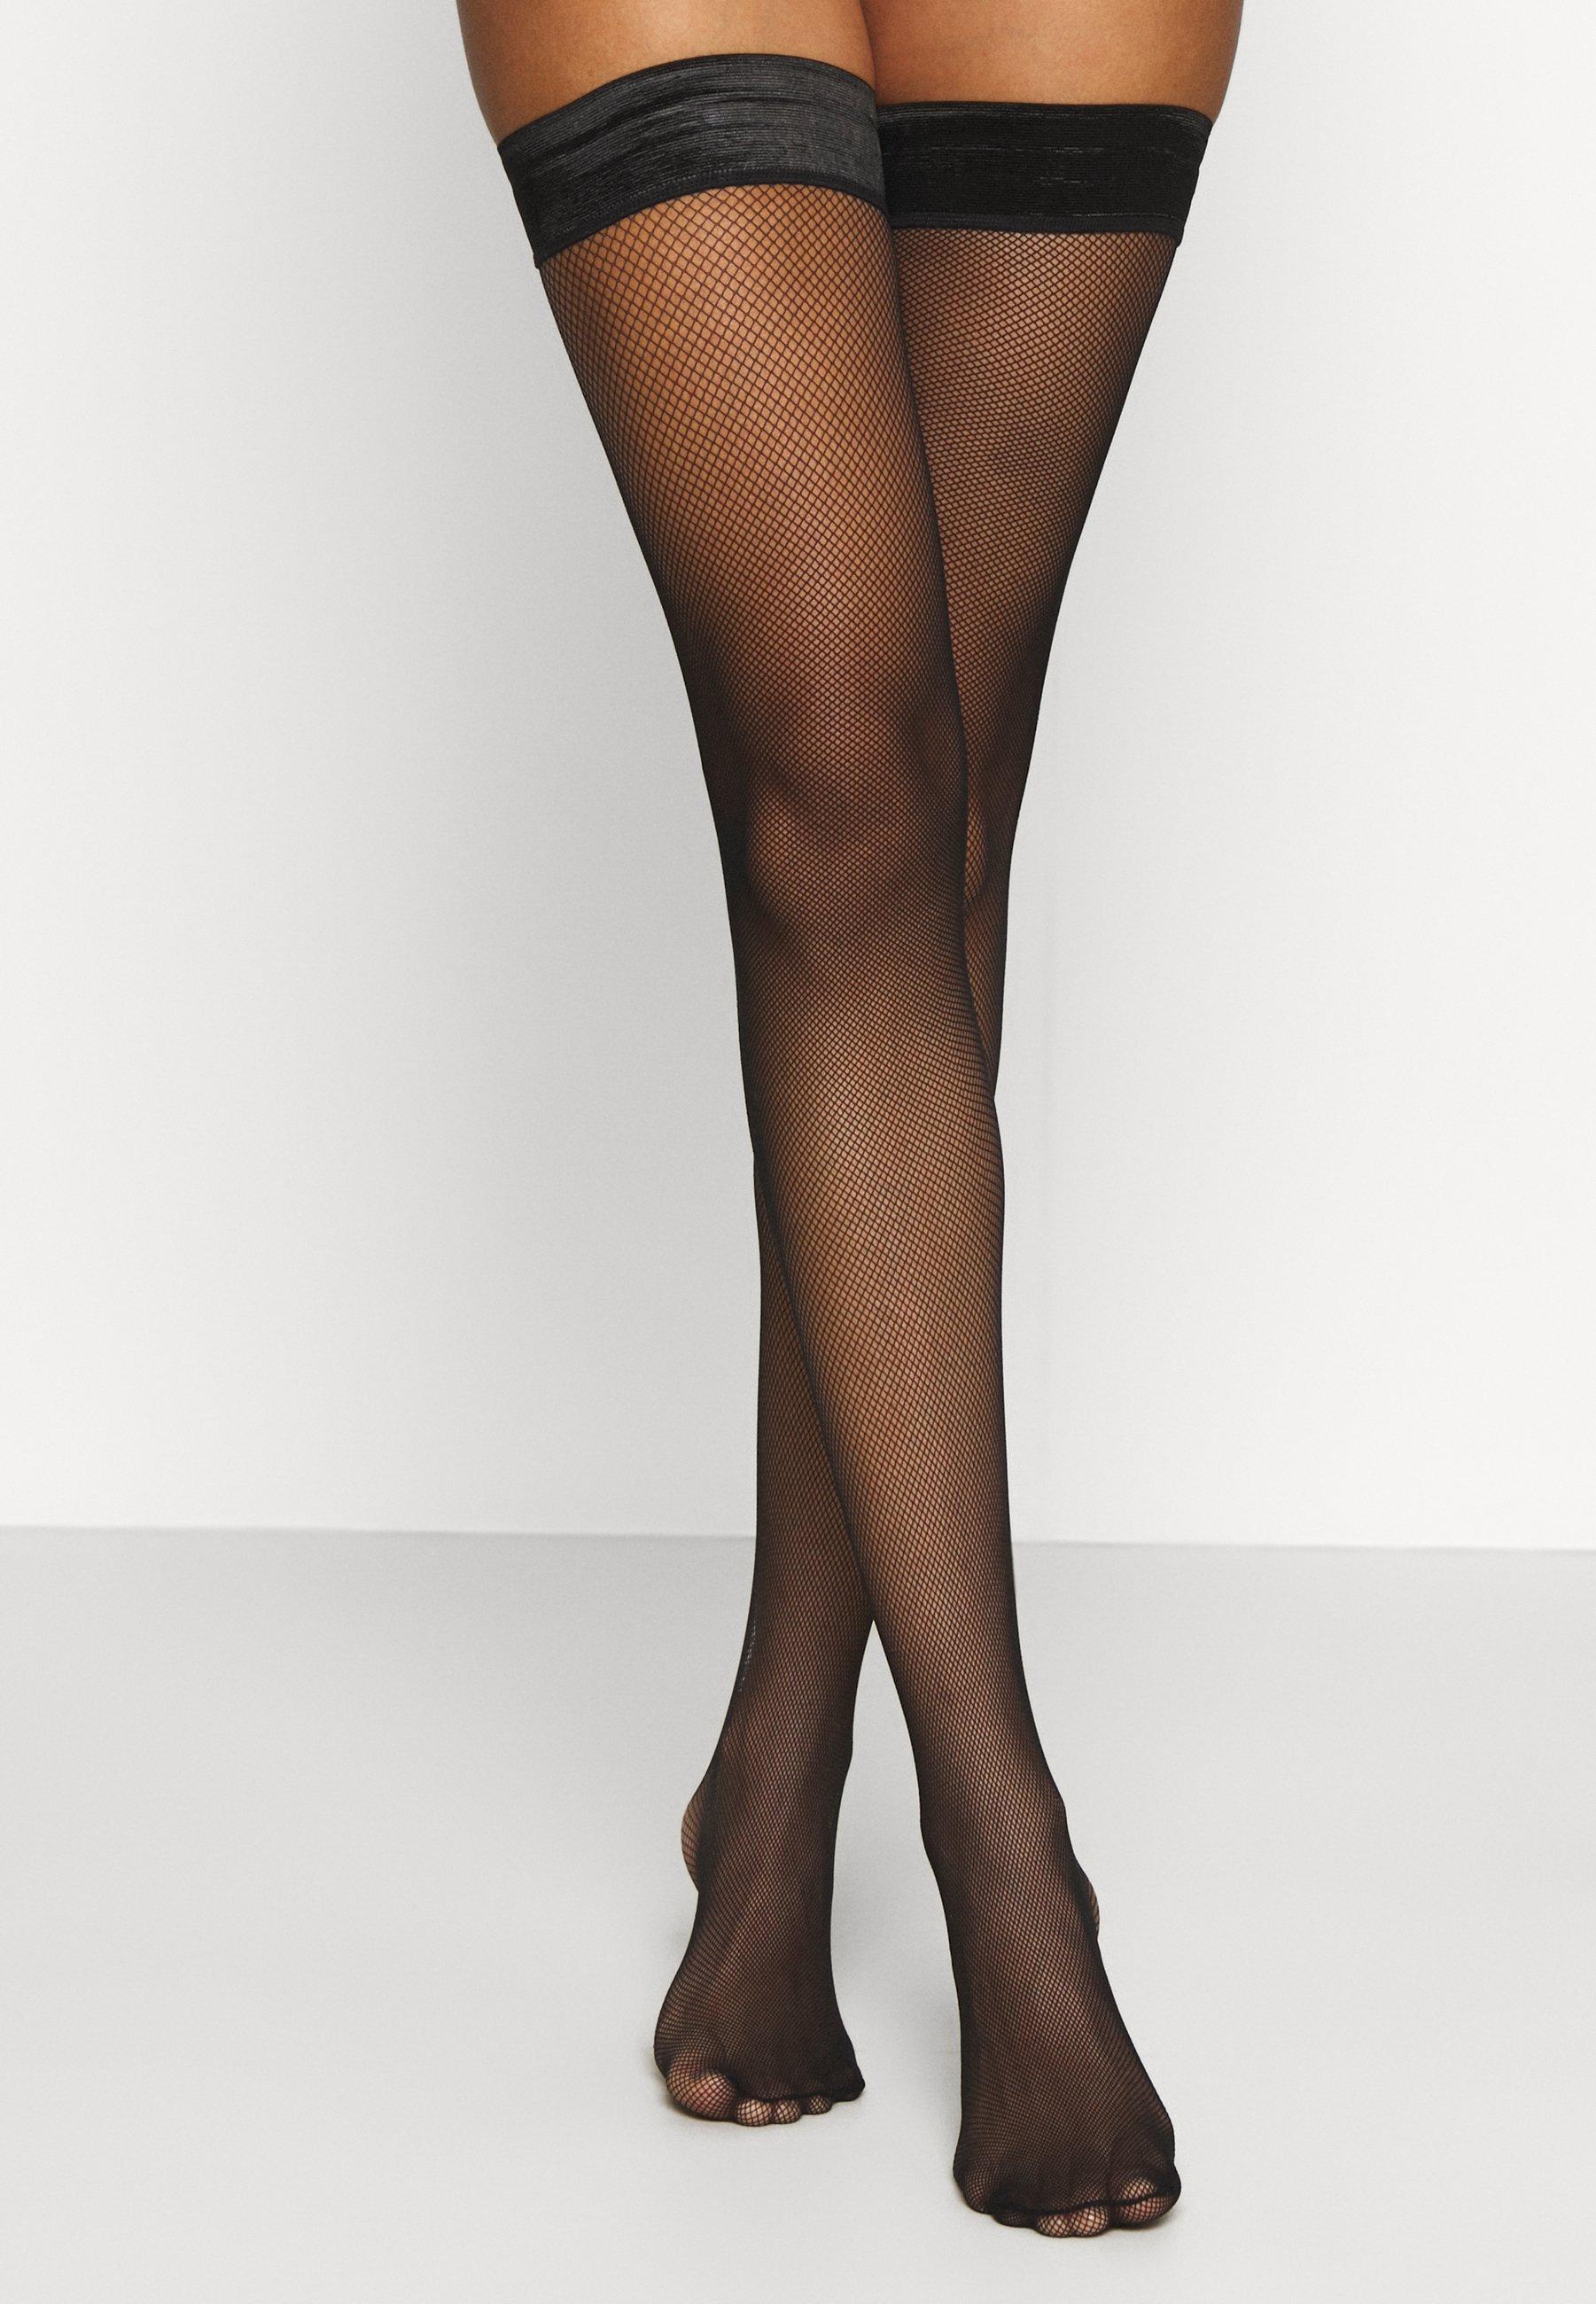 Women RAFFINESSE  - Over-the-knee socks